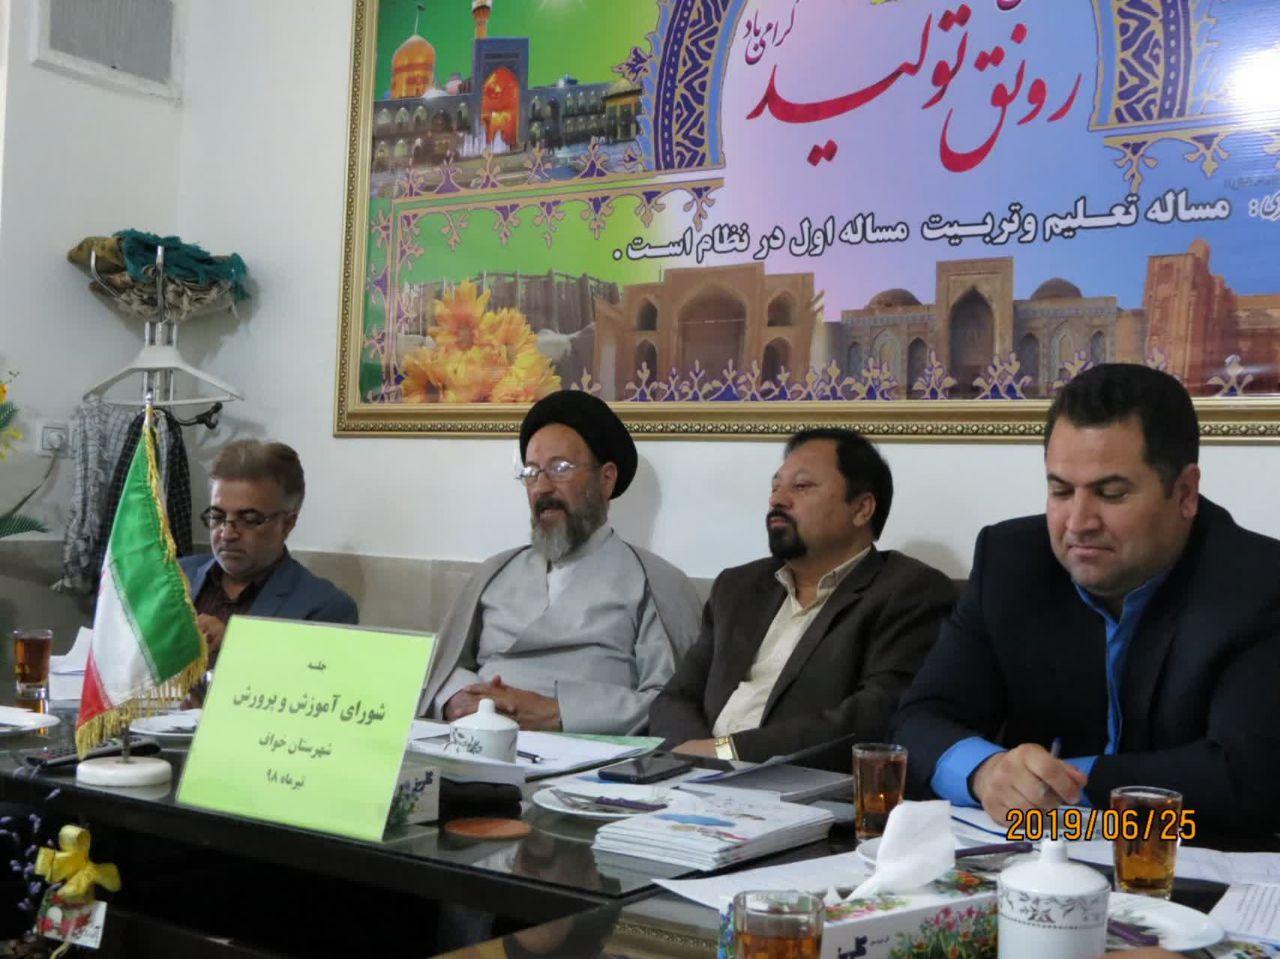 برگزاری چهارمین جلسه شورای آموزش وپرورش شهرستان خواف